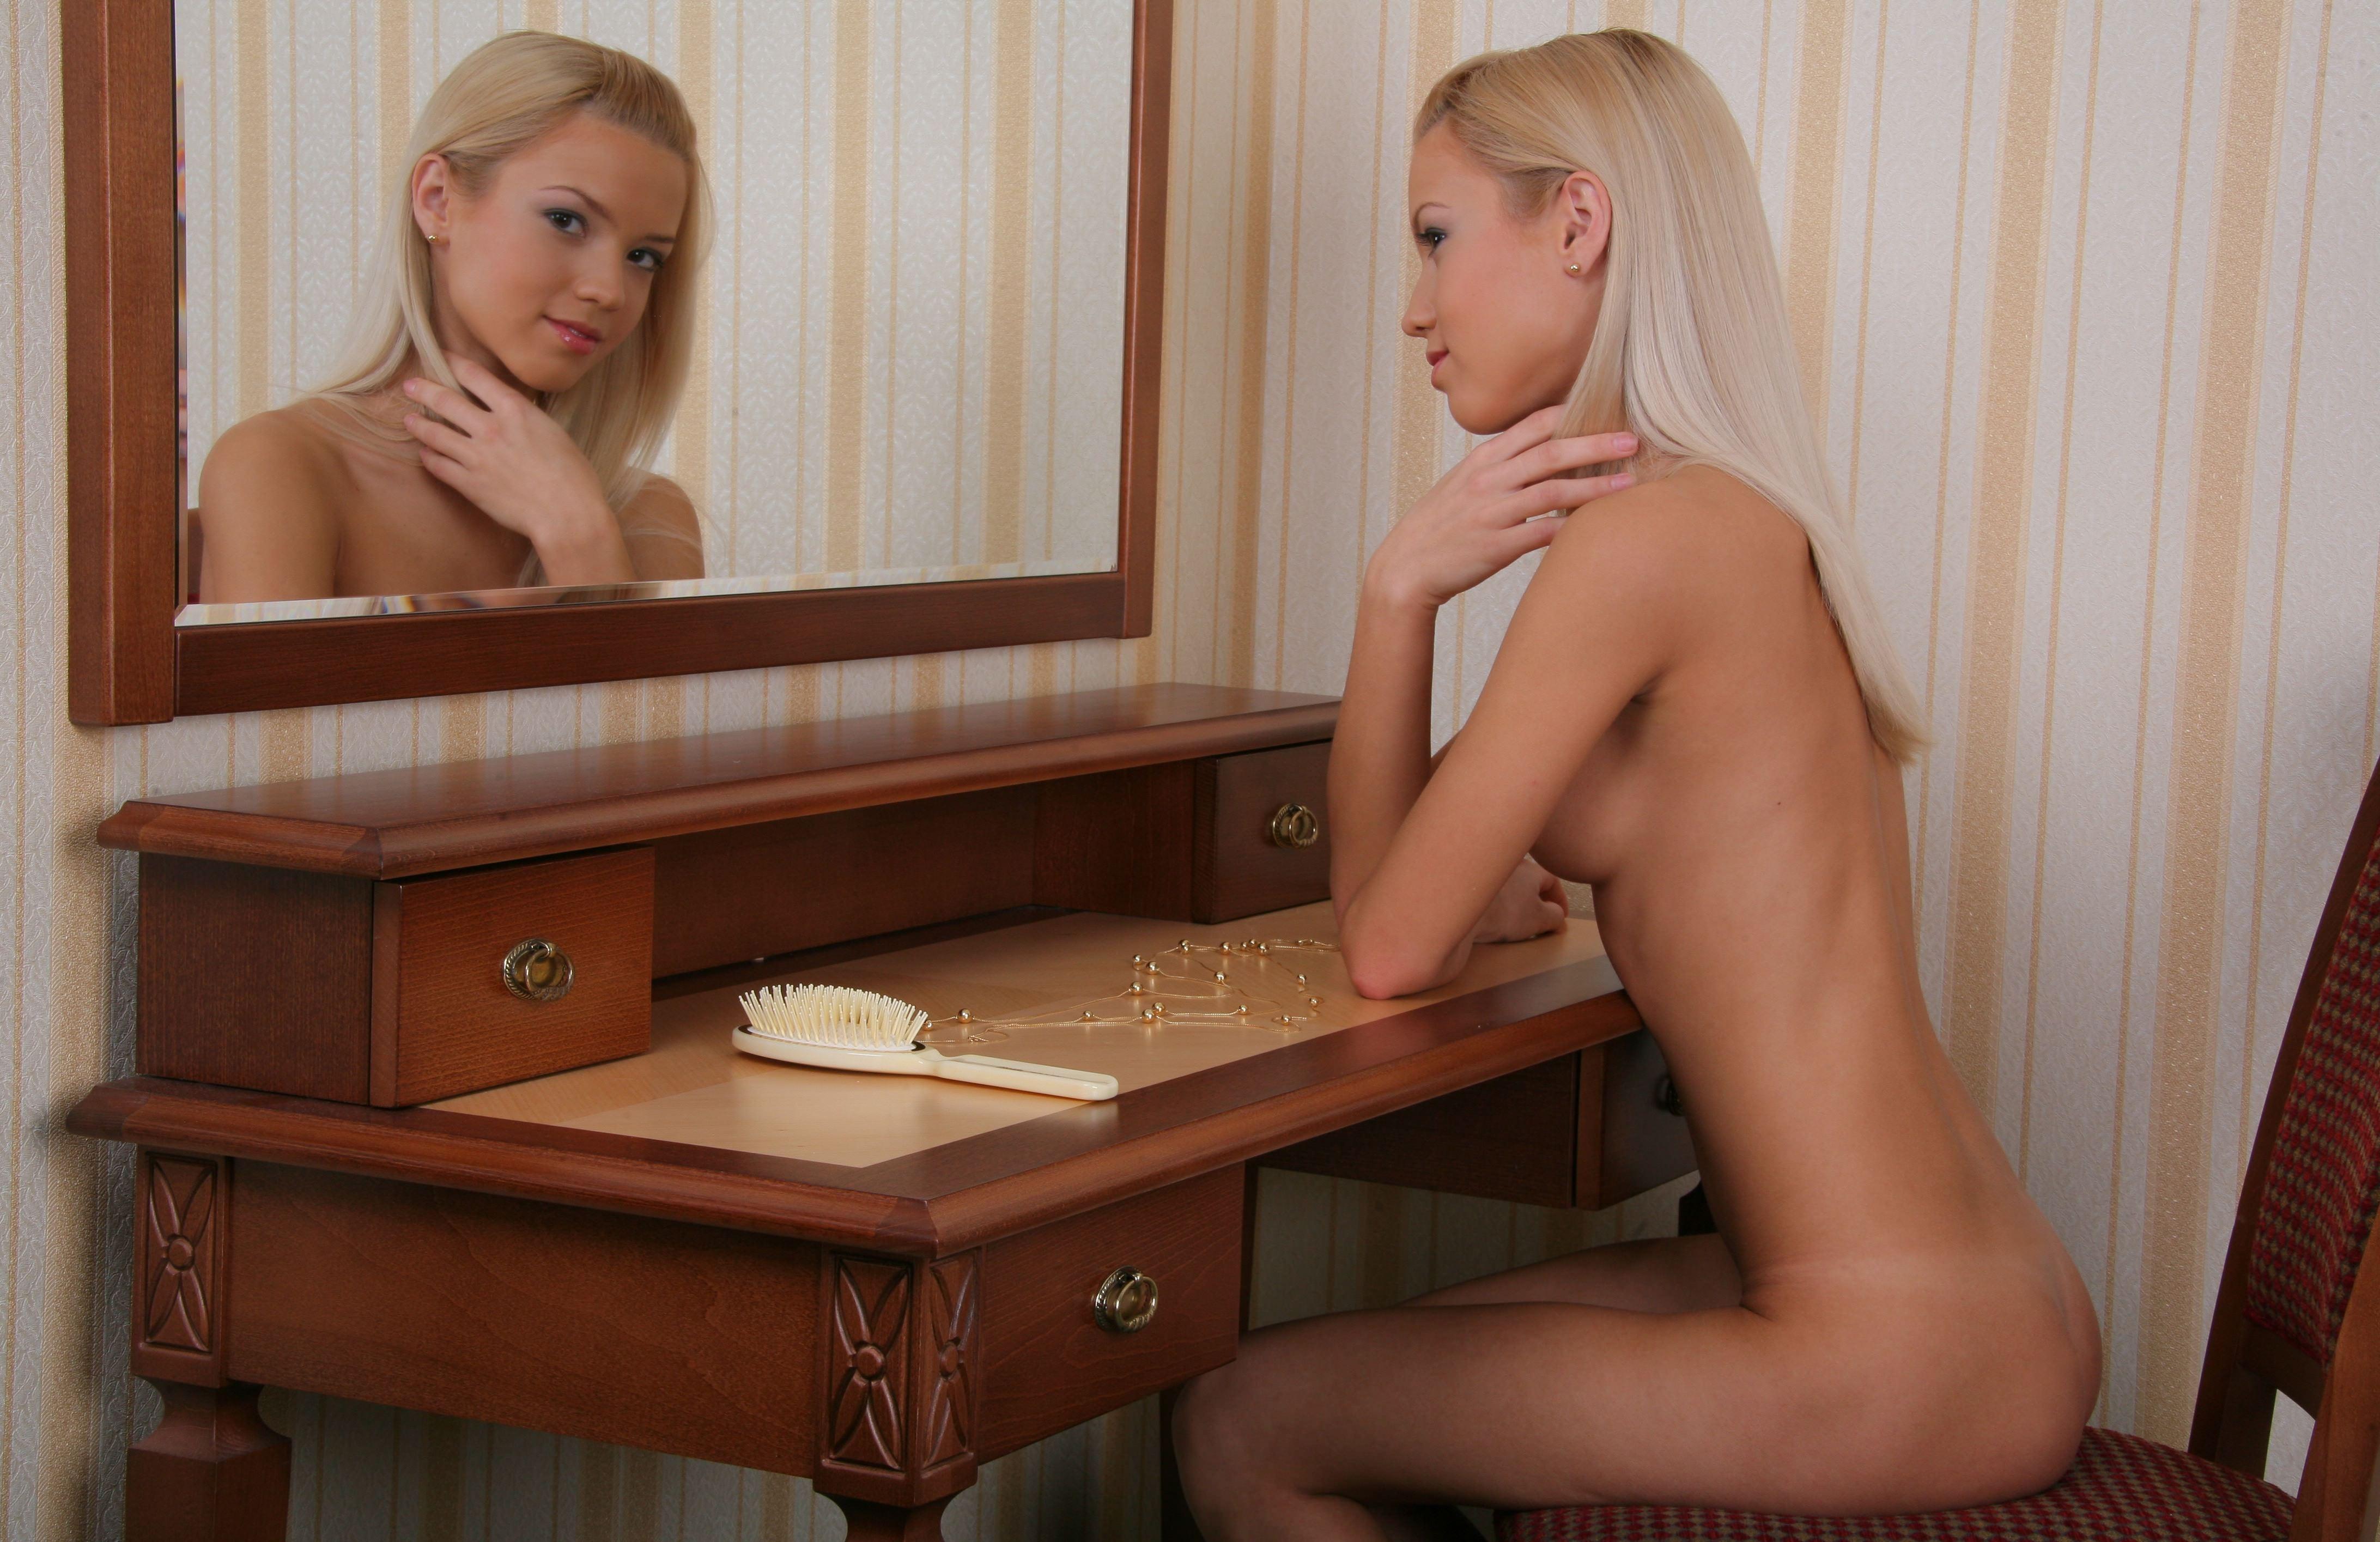 Фото Голая белокурая красотка за столом, расческа, зеркало, бусы, скачать картинку бесплатно